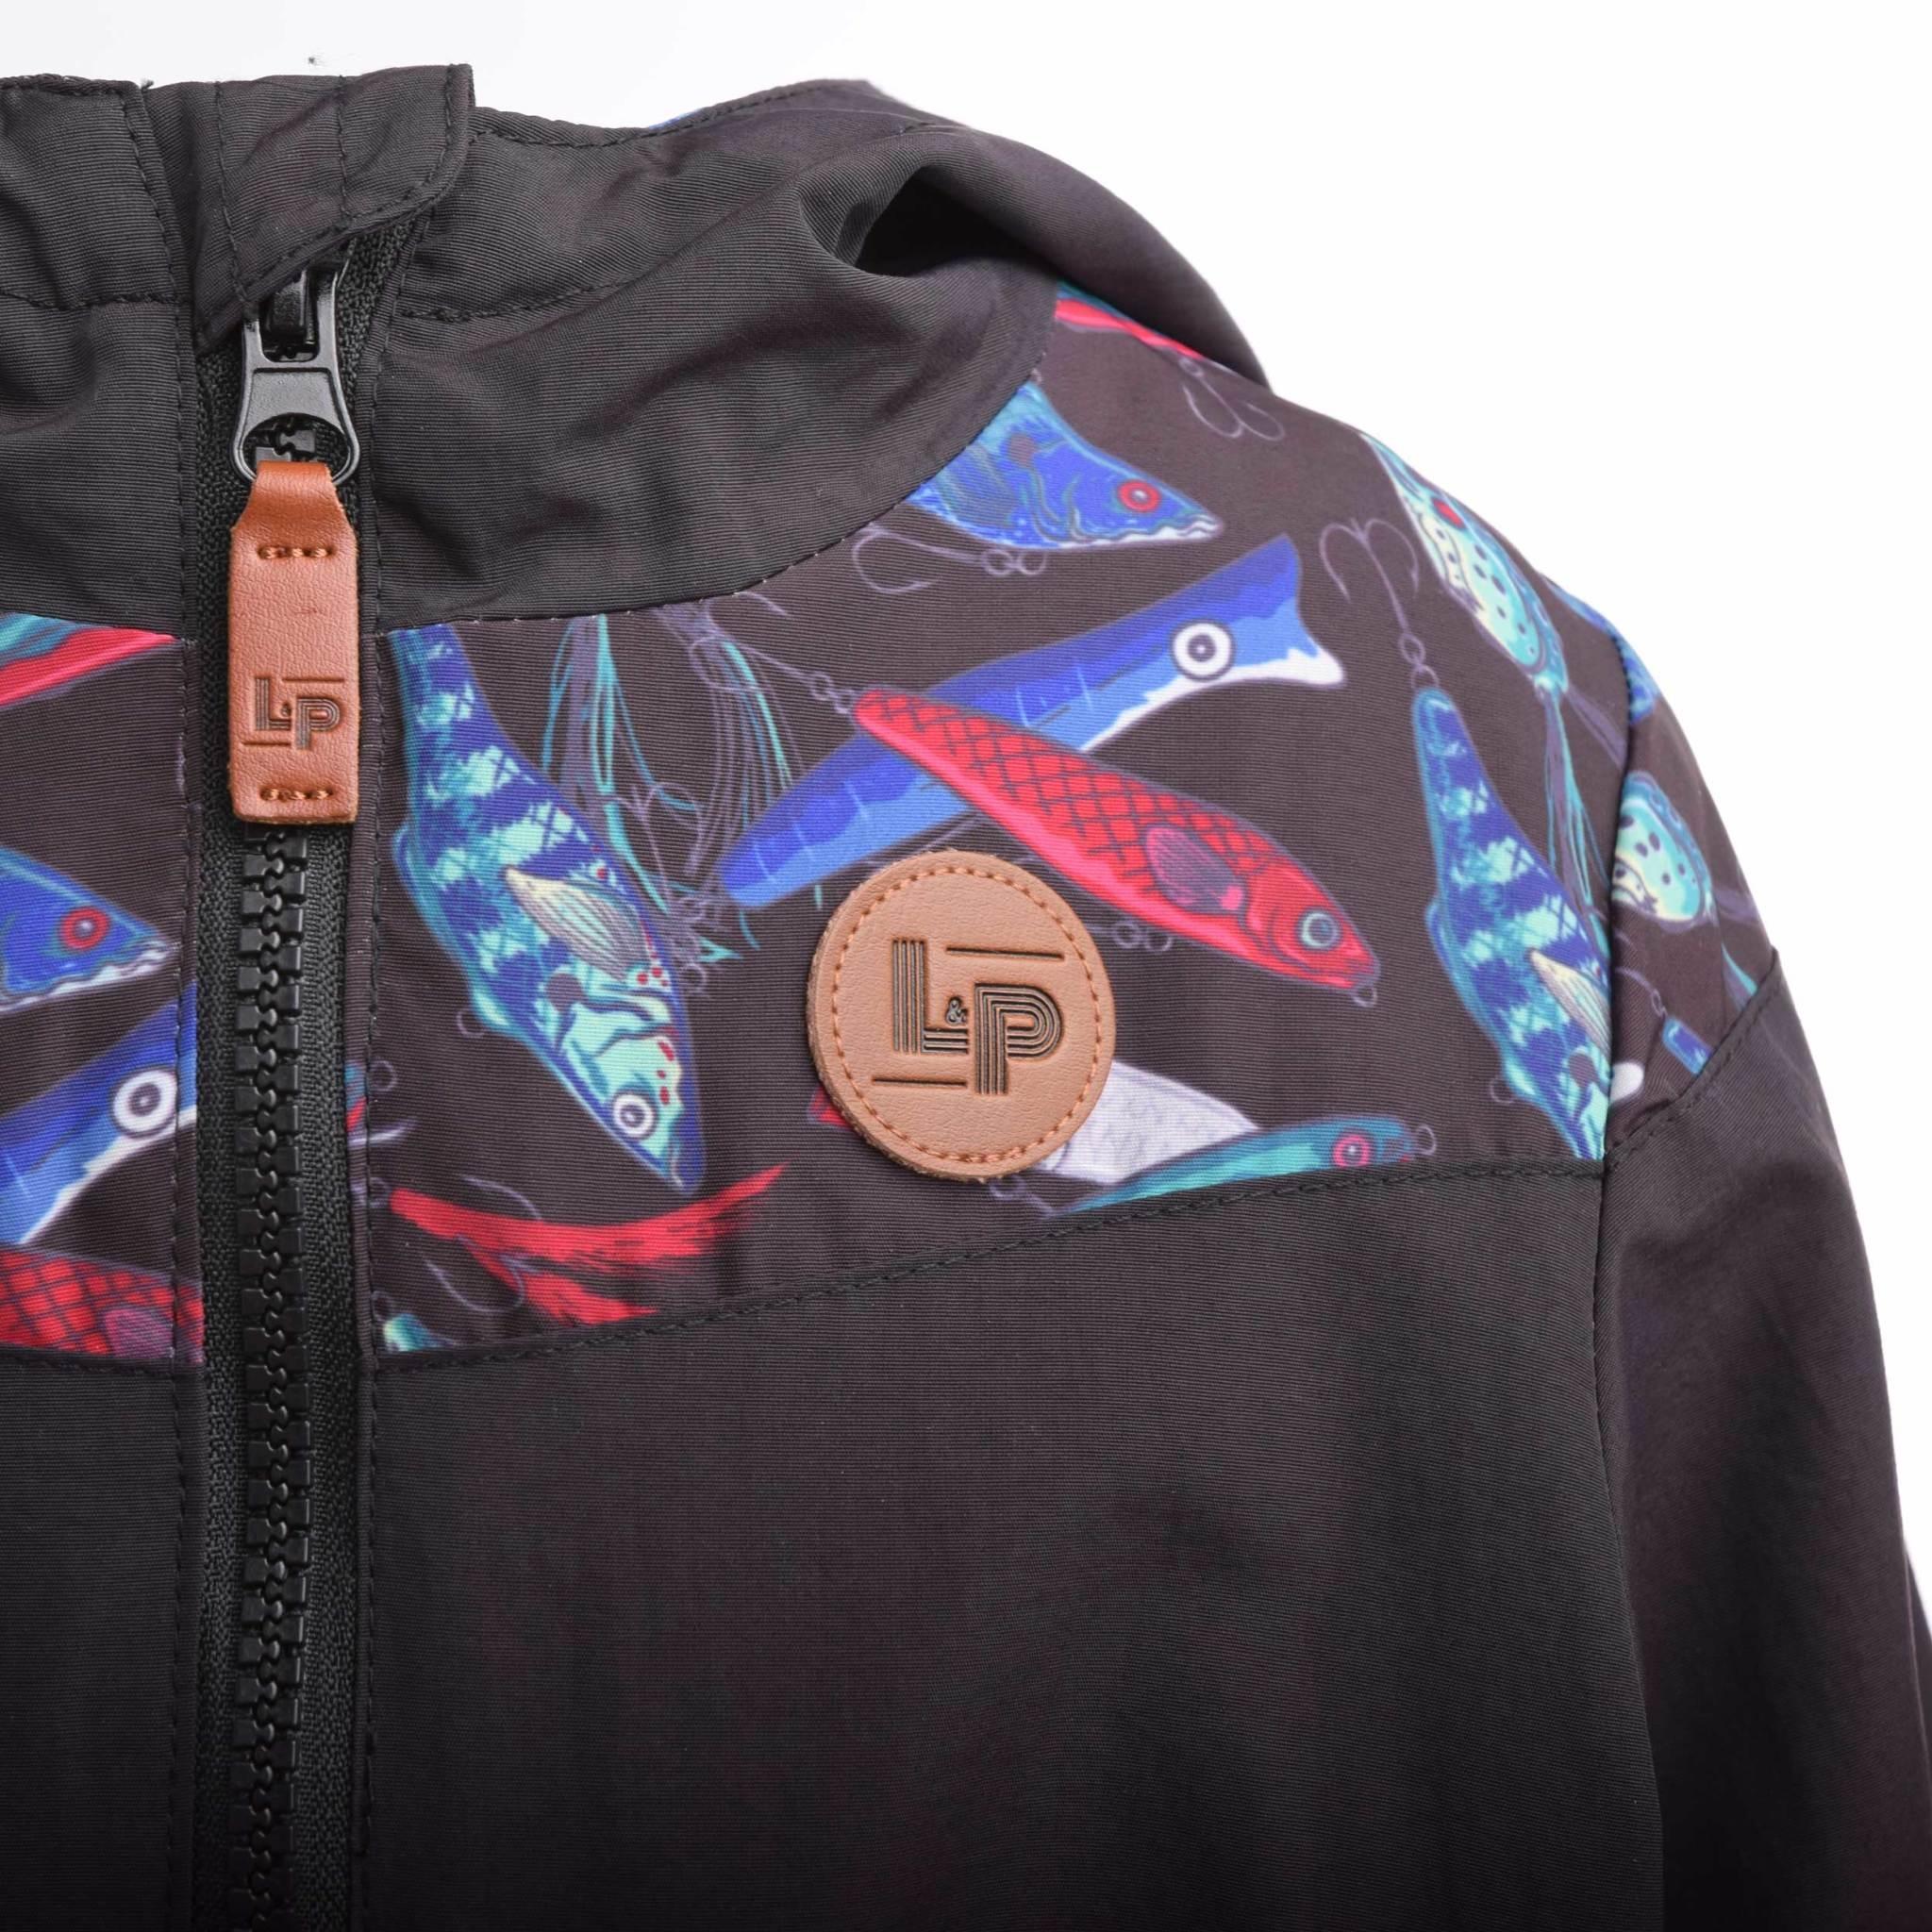 Manteau d'extérieur mi-saison - FISH 2.0-2